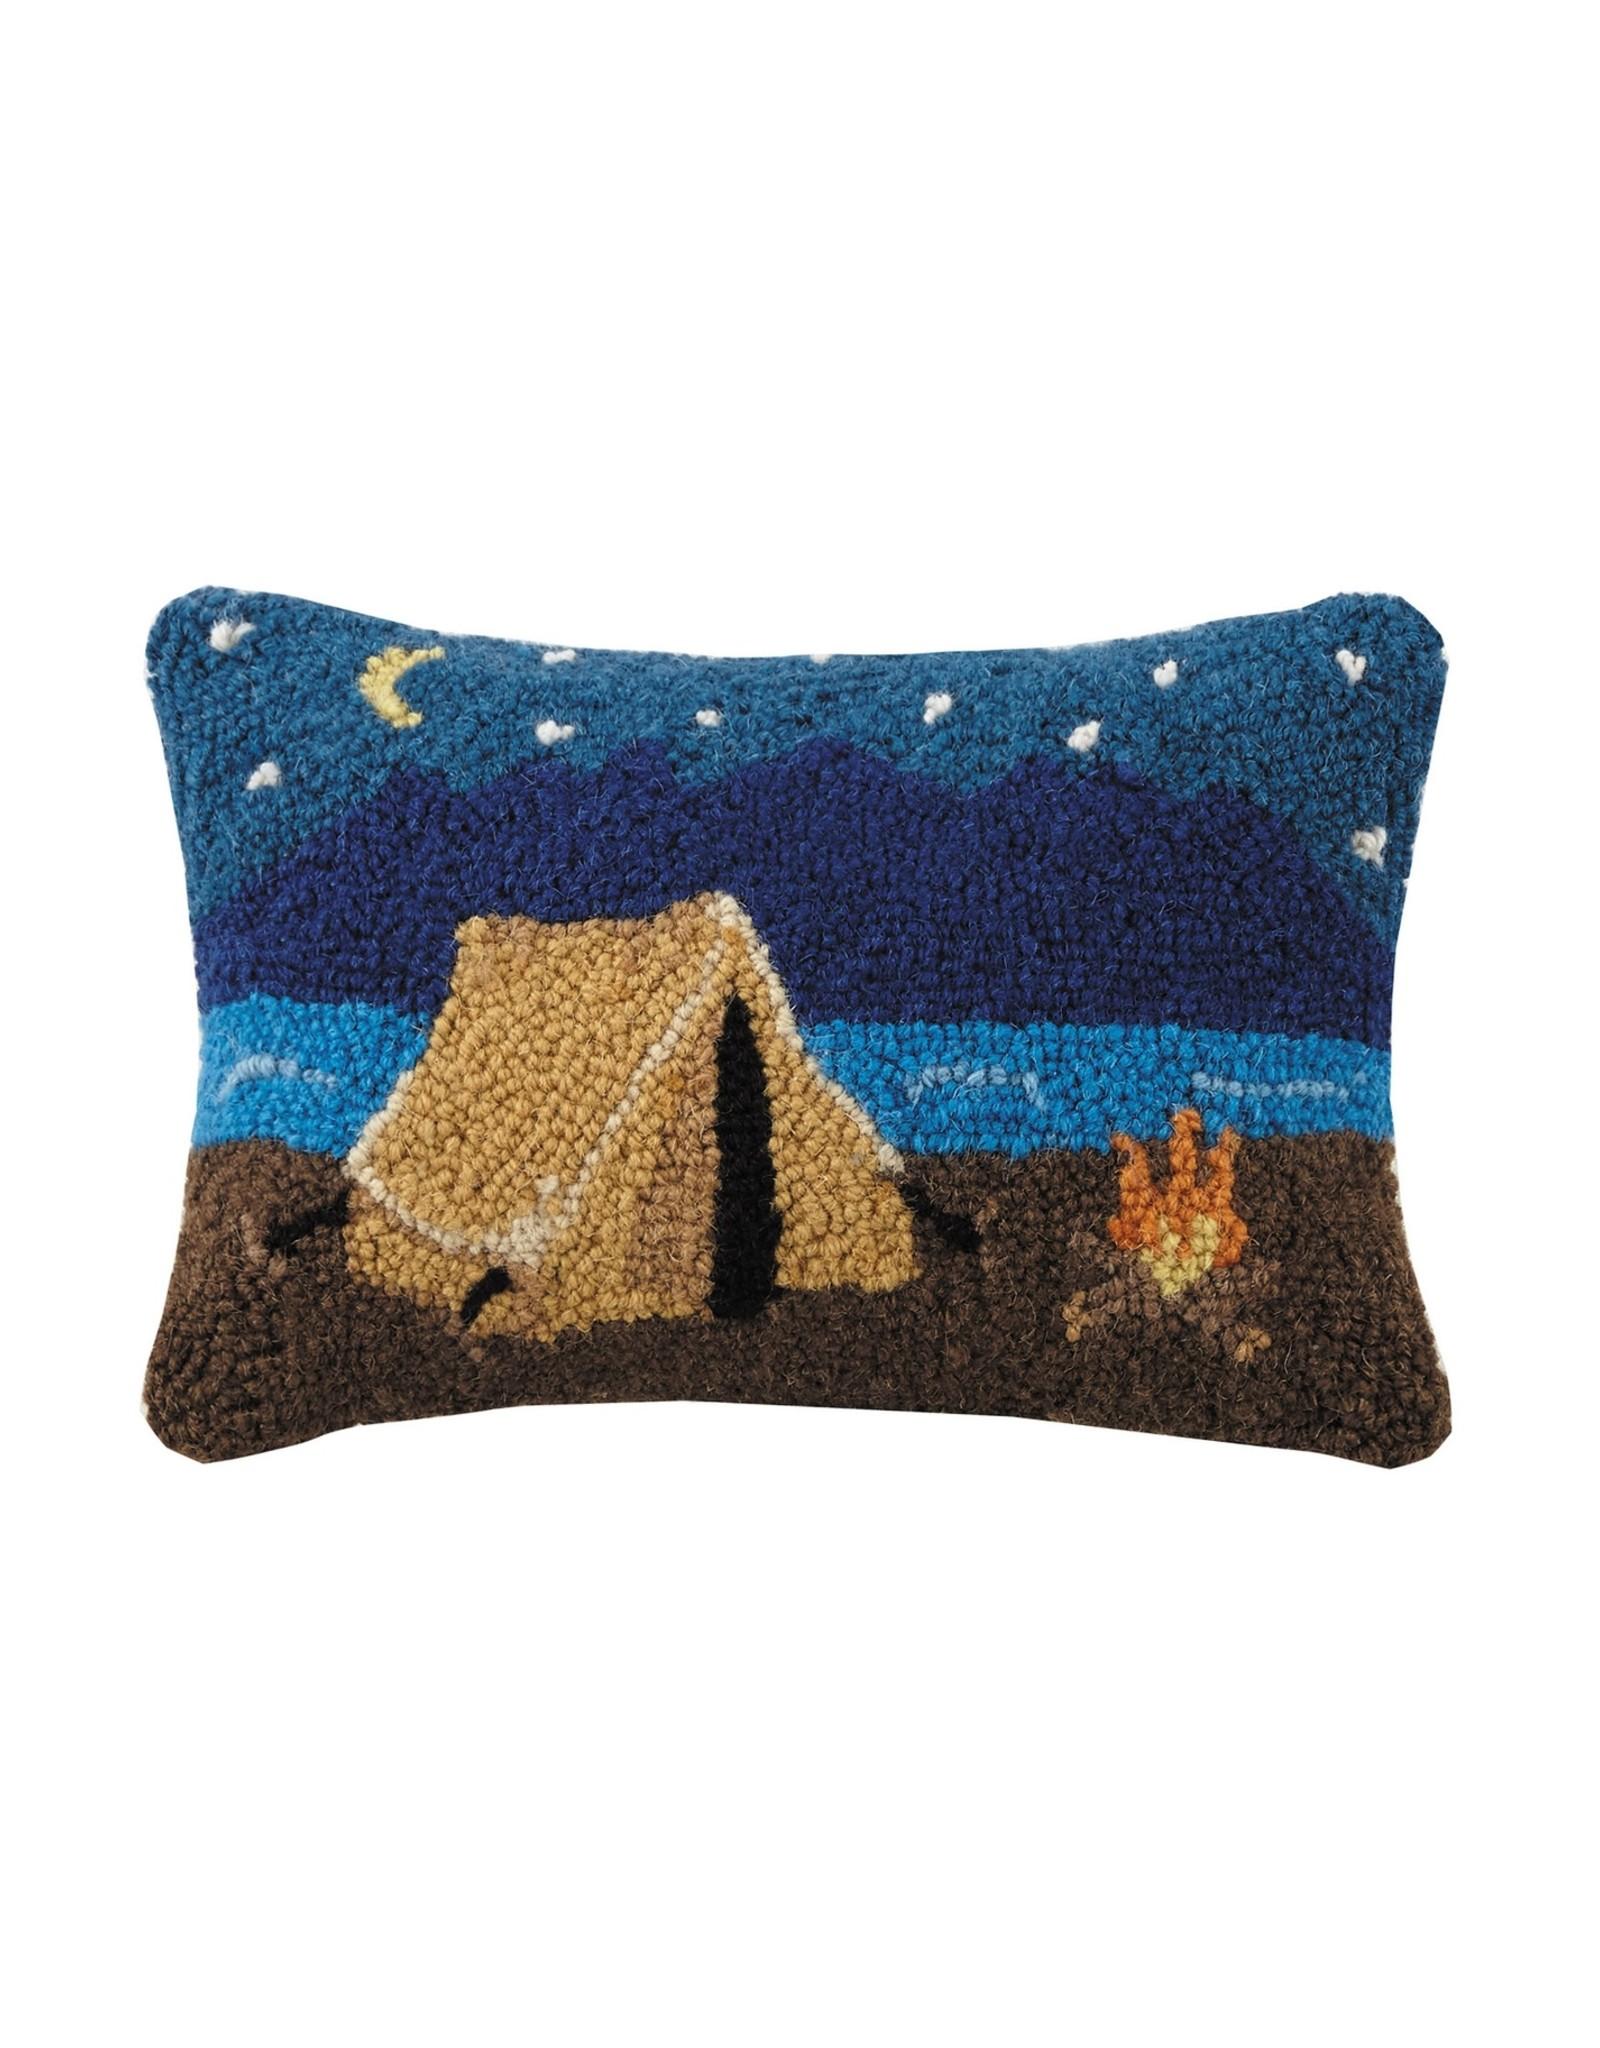 Peking Handicraft Tent Hook Pillow